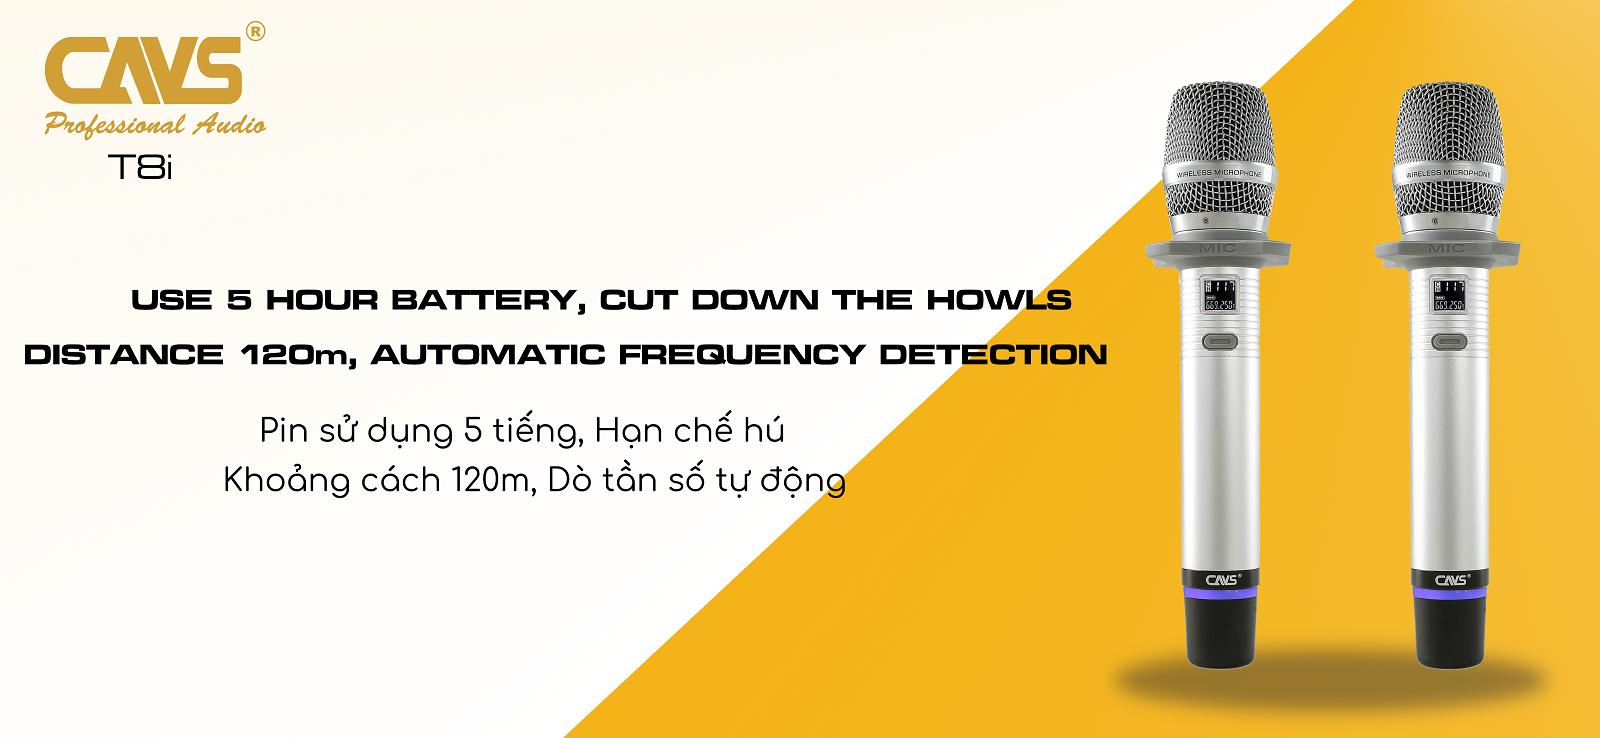 Micro không dây CAVS T8i